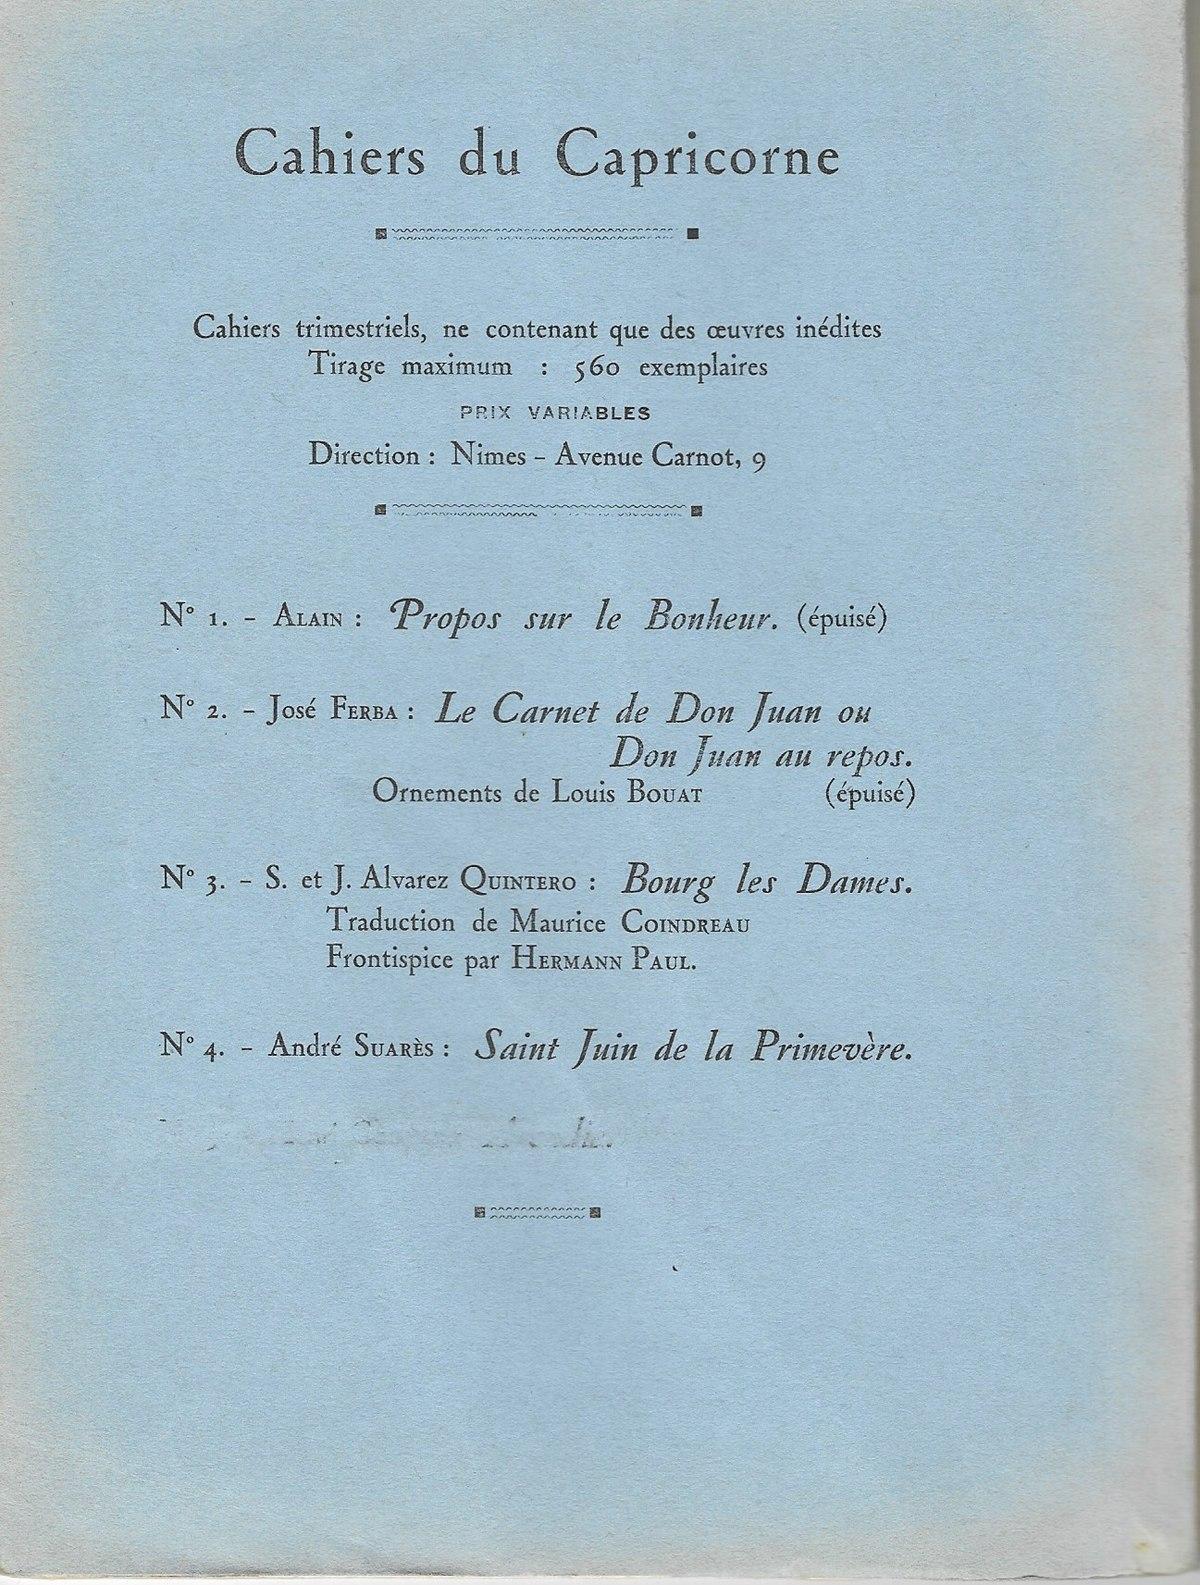 Propos Sur Le Bonheur Alain Pdf : propos, bonheur, alain, Propos, Bonheur, Wikipédia